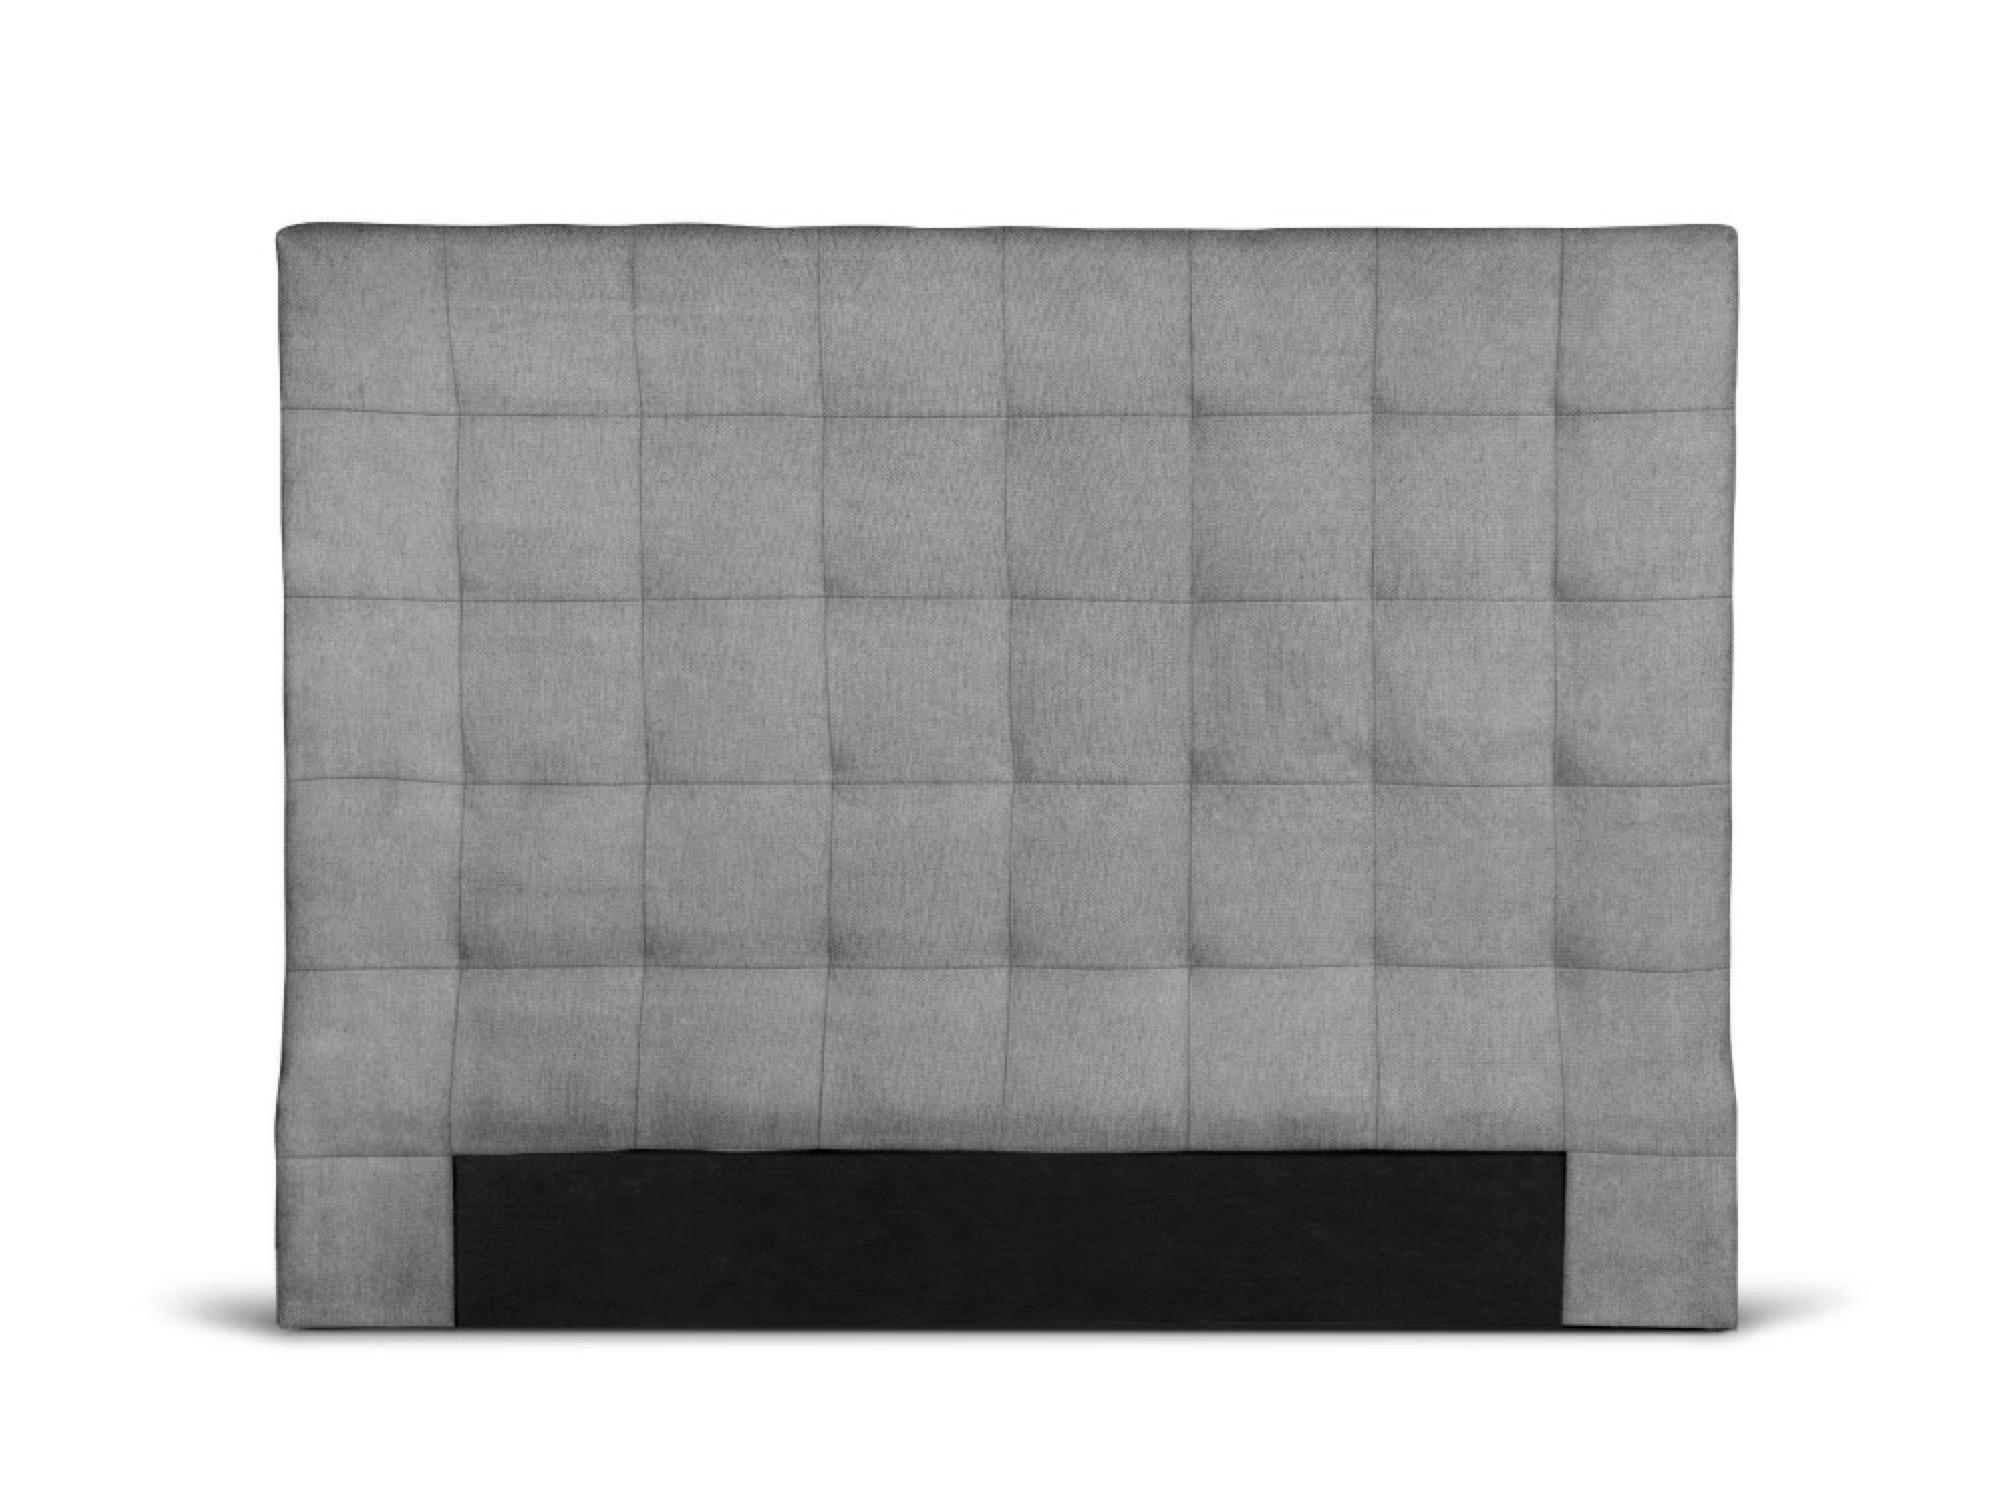 Tête de lit capitonnée en tissu gris - 140cm